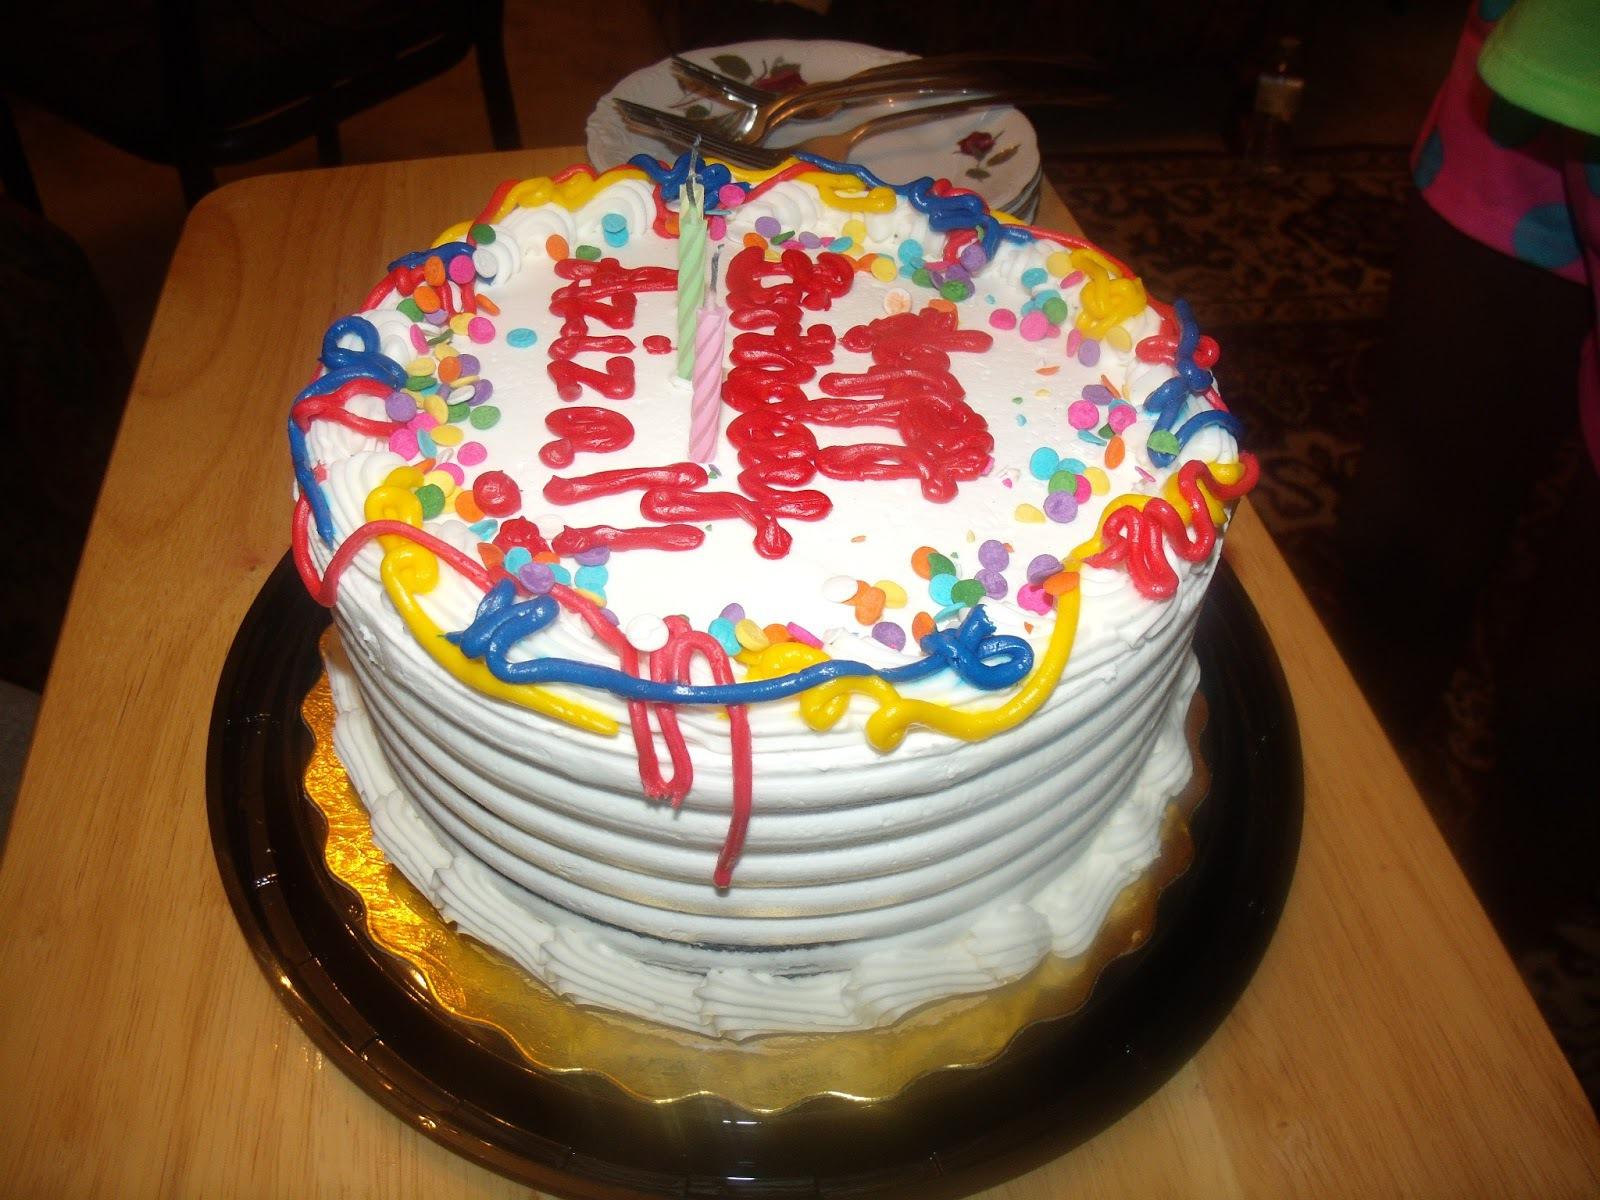 Тортики ко дню рождения своими руками   Торт украшенный мастикой очень необычно оформить 134